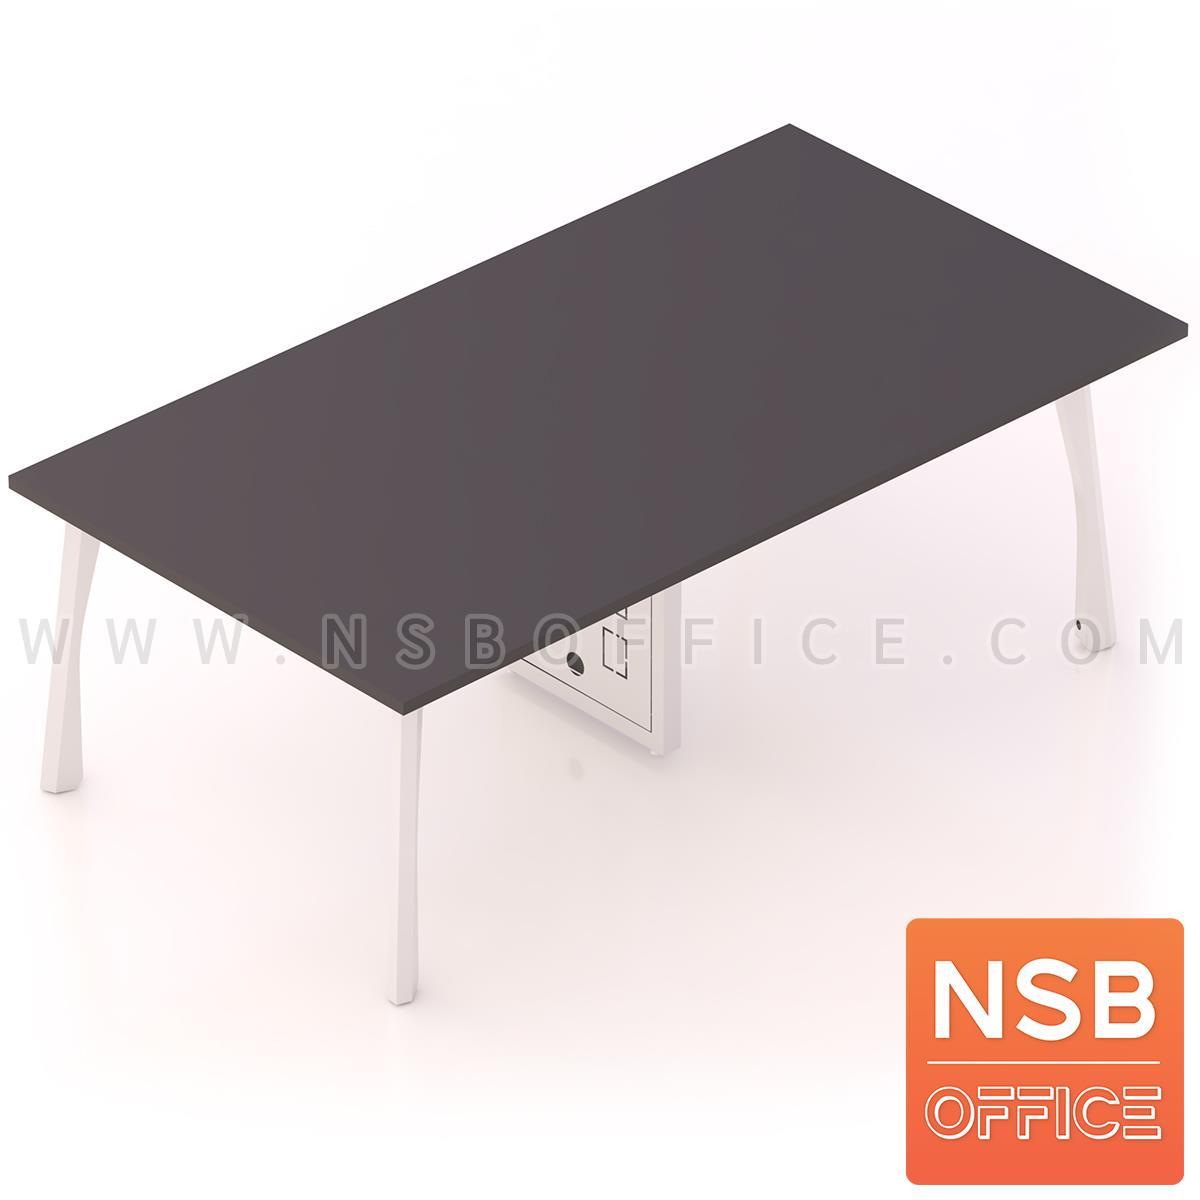 A05A193:โต๊ะประชุมทรงสี่เหลี่ยม  รุ่น Kelland (เคลแลนด์) ขนาด 240W cm. ขาเหล็กสีขาว